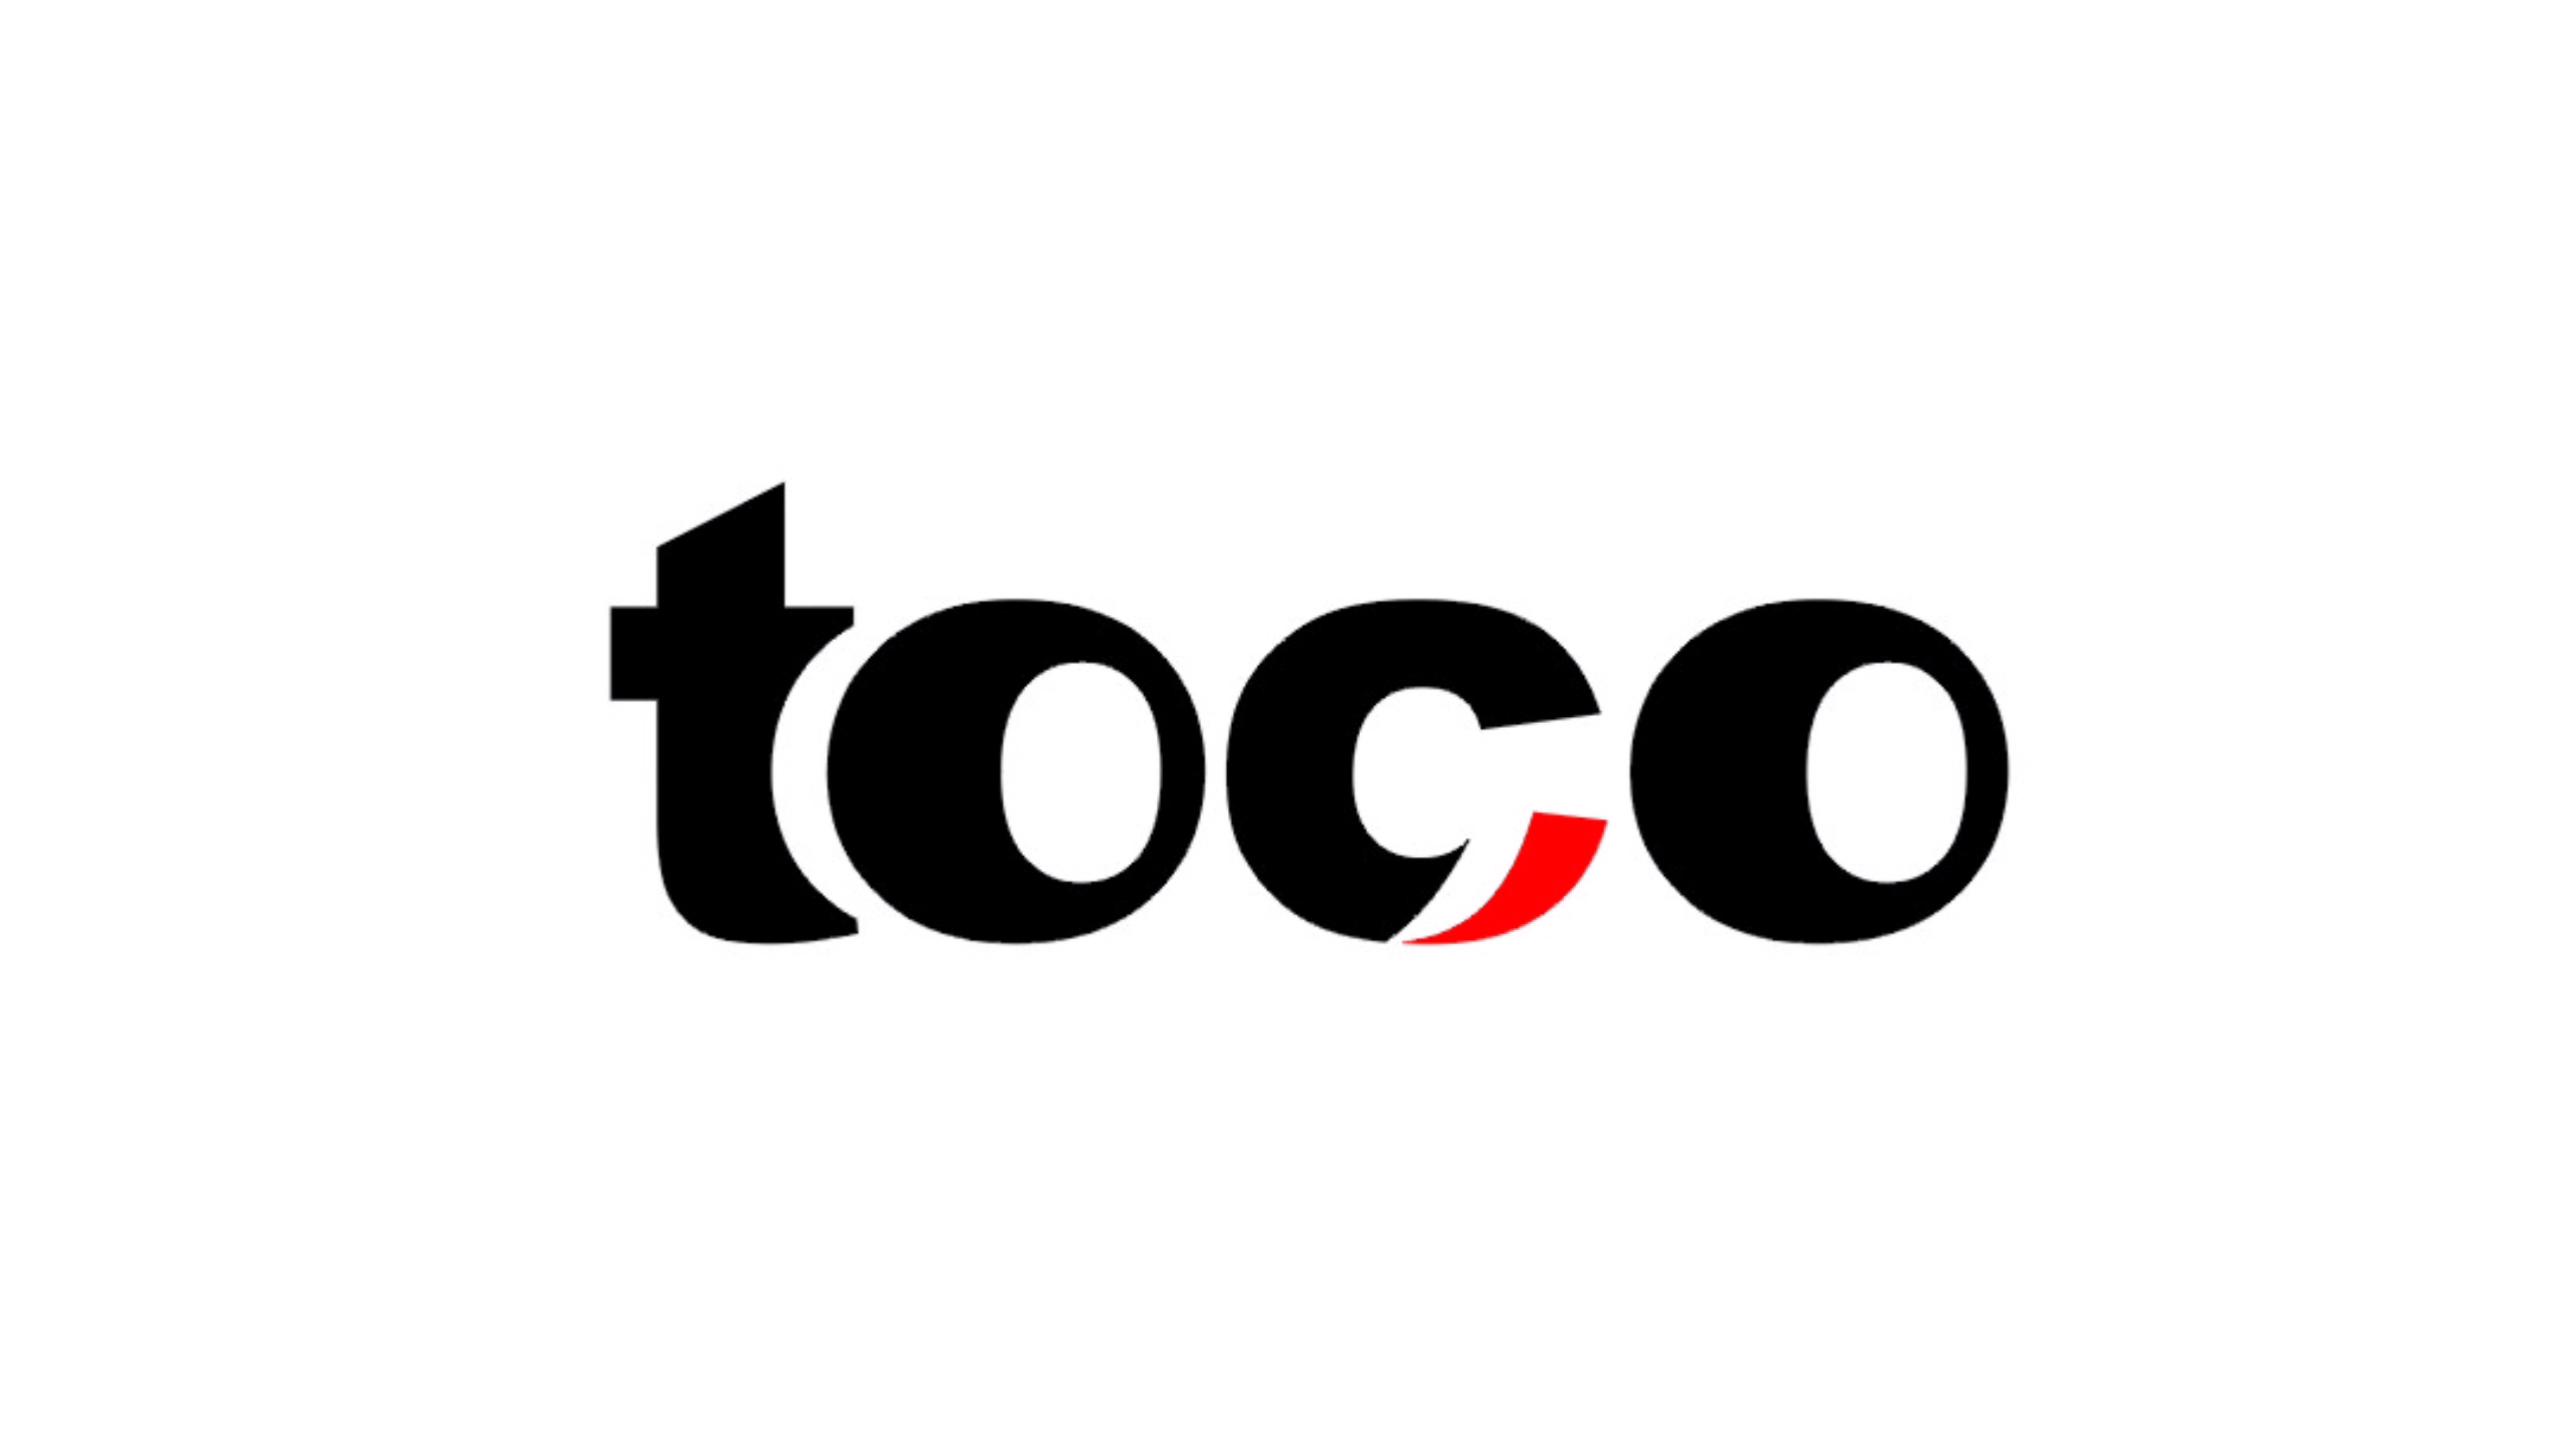 TOCO आकार लचीला ट्रिम पीवीसी बढ़त प्रोफ़ाइल फोम रक्षक आकार प्लास्टिक की पट्टी यू प्रकार किनारा